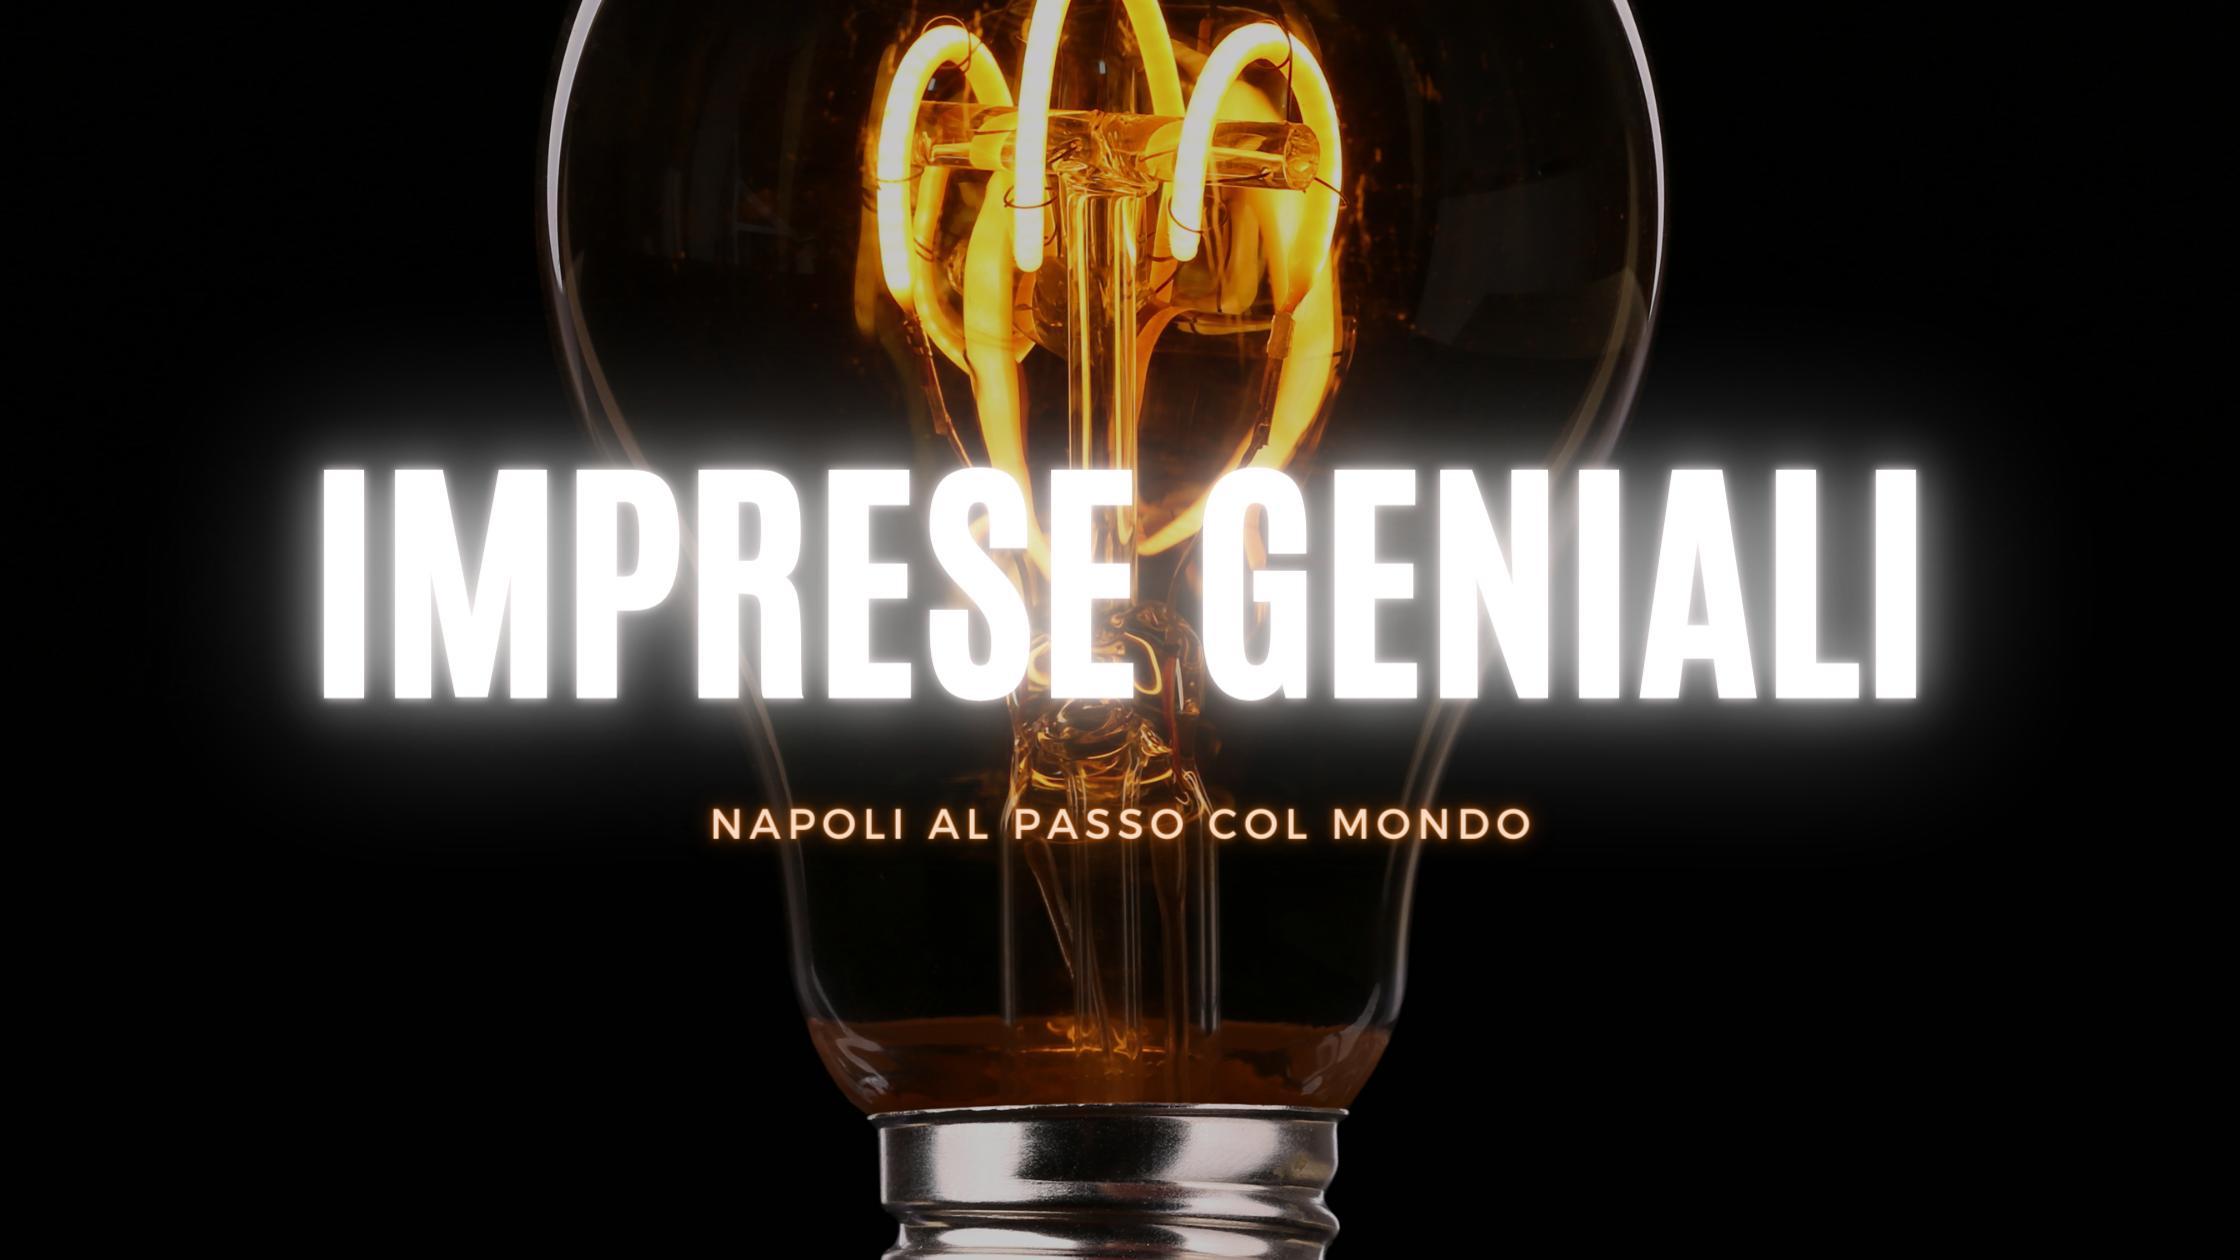 Imprese geniali: un viaggio nell'innovazione partenopea